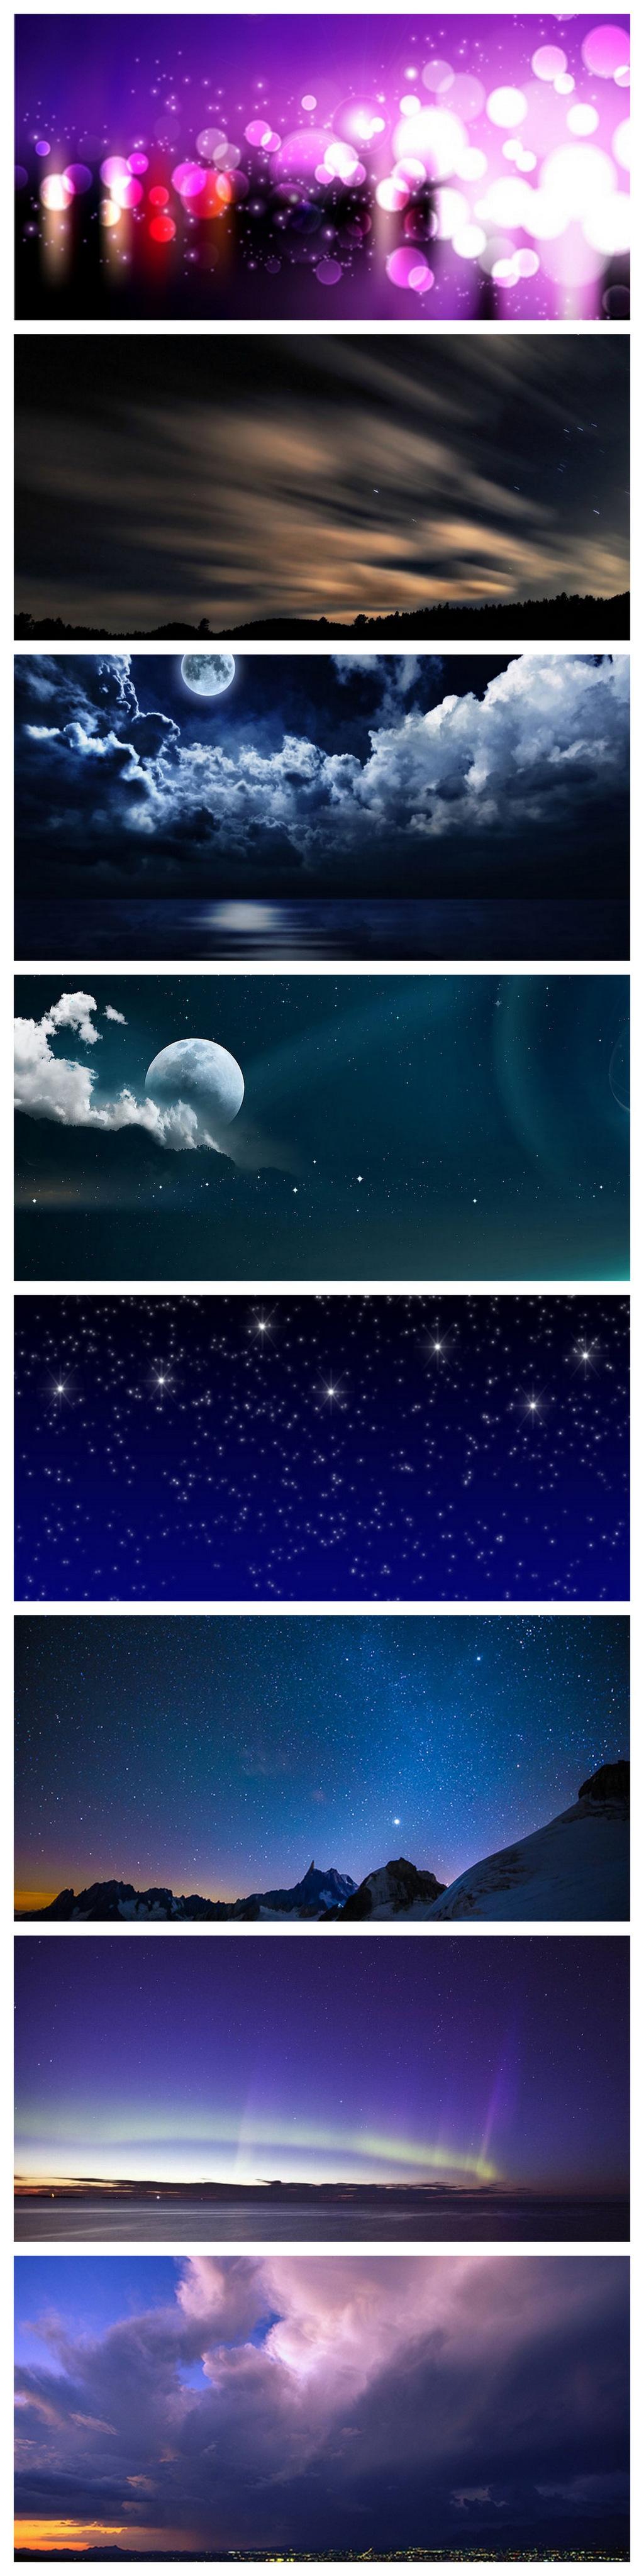 夜景城市星空效果背景素材商務背景星星